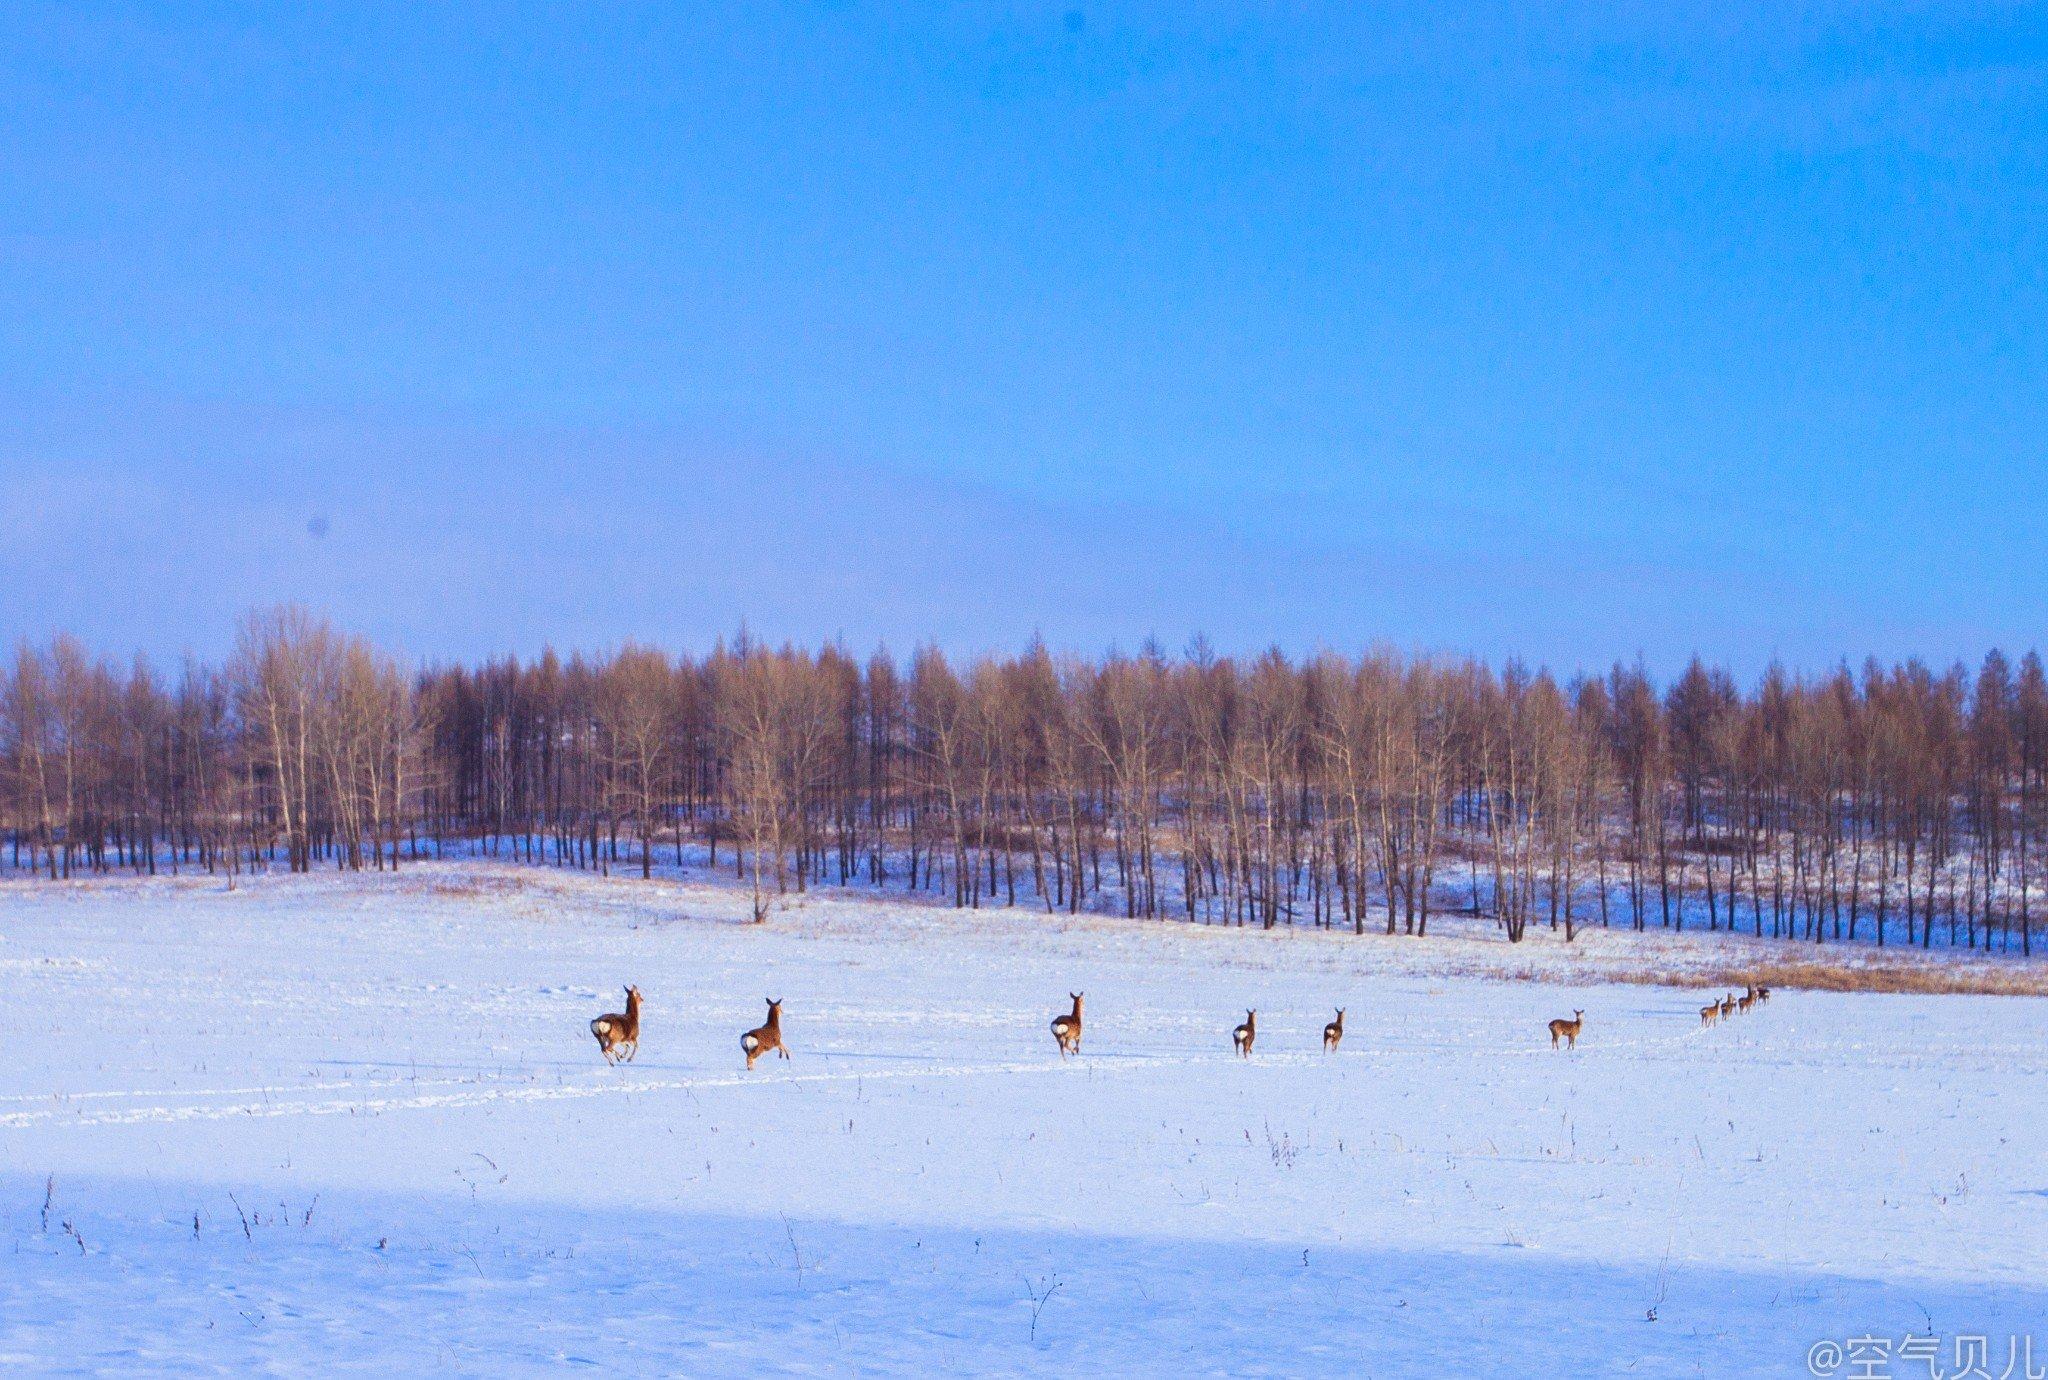 冬季内蒙来看雪,呼伦贝尔一个南方孩子的北国梦